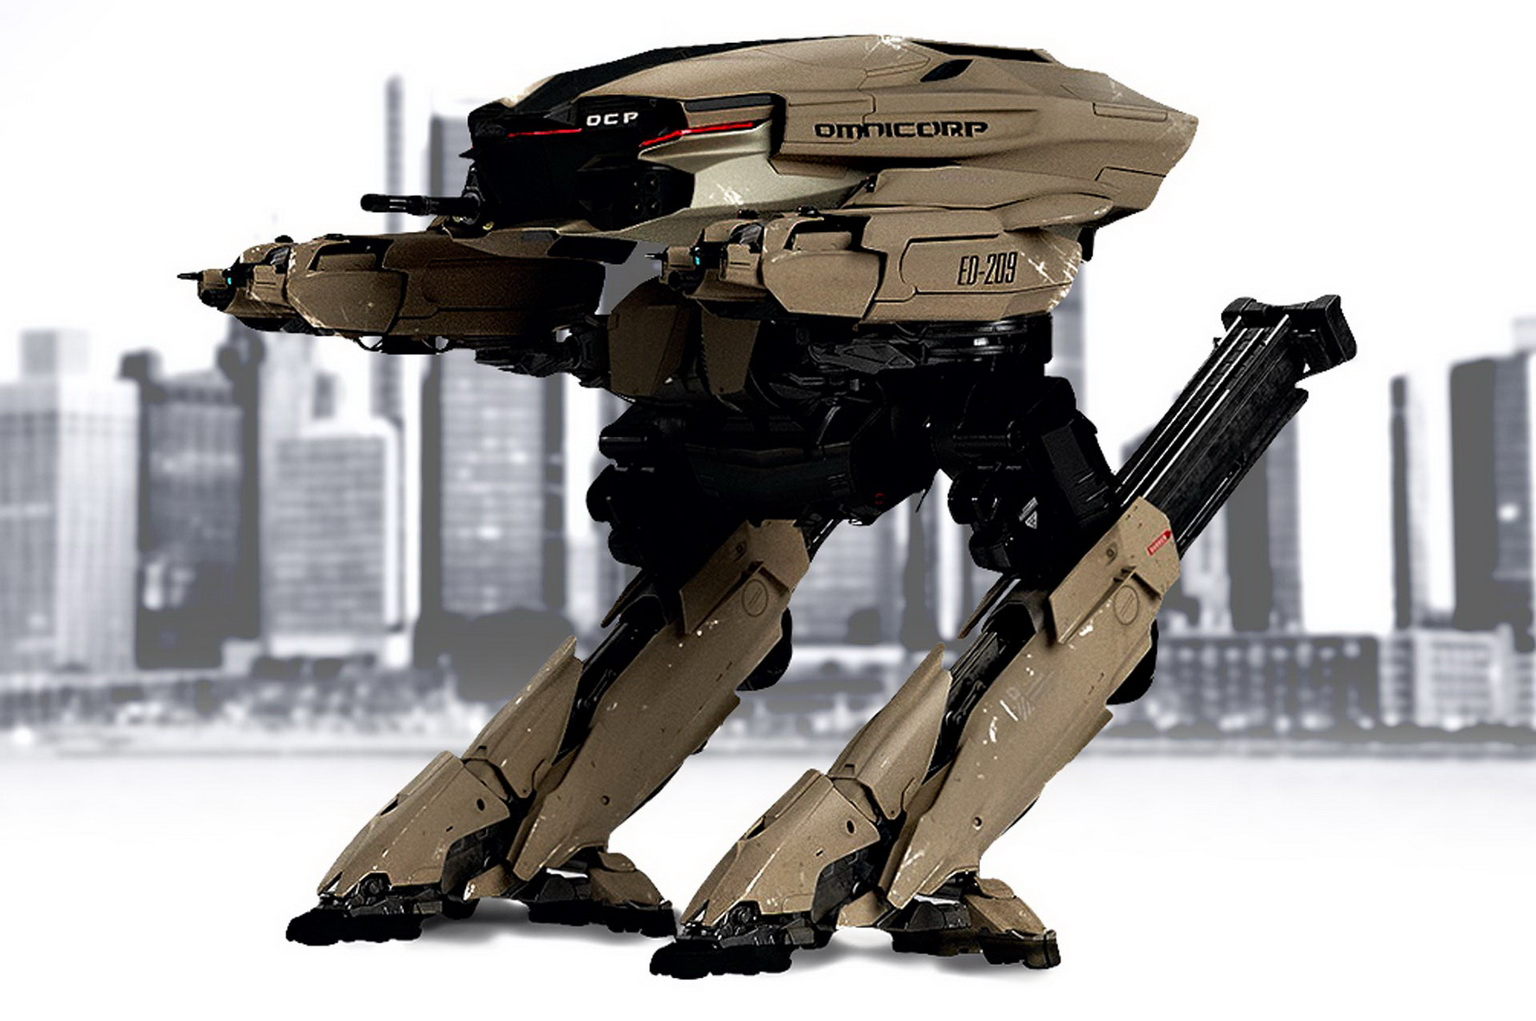 Drawn weapon robocop 2014 Wiki 209 by Wikia ED